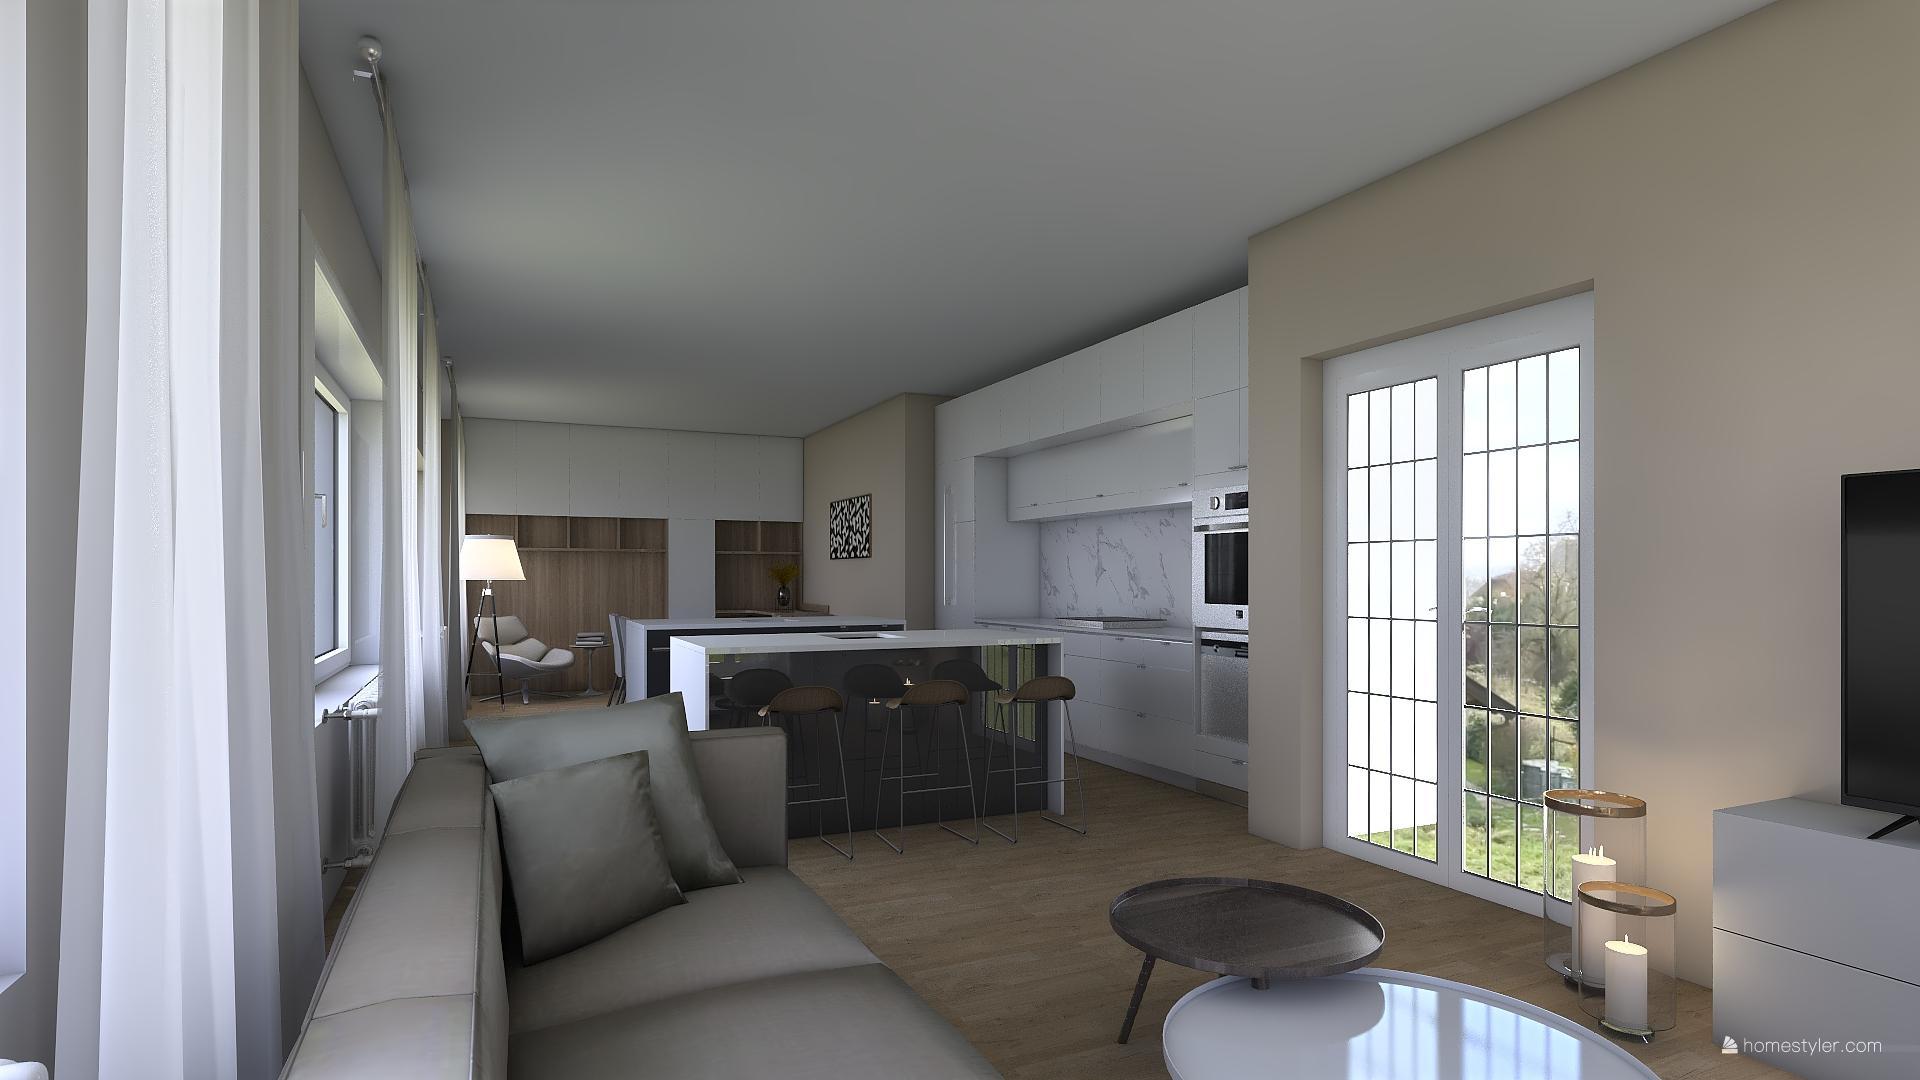 Vizualizace obýváku s kuchyní pro @iuanecka - Obrázek č. 9